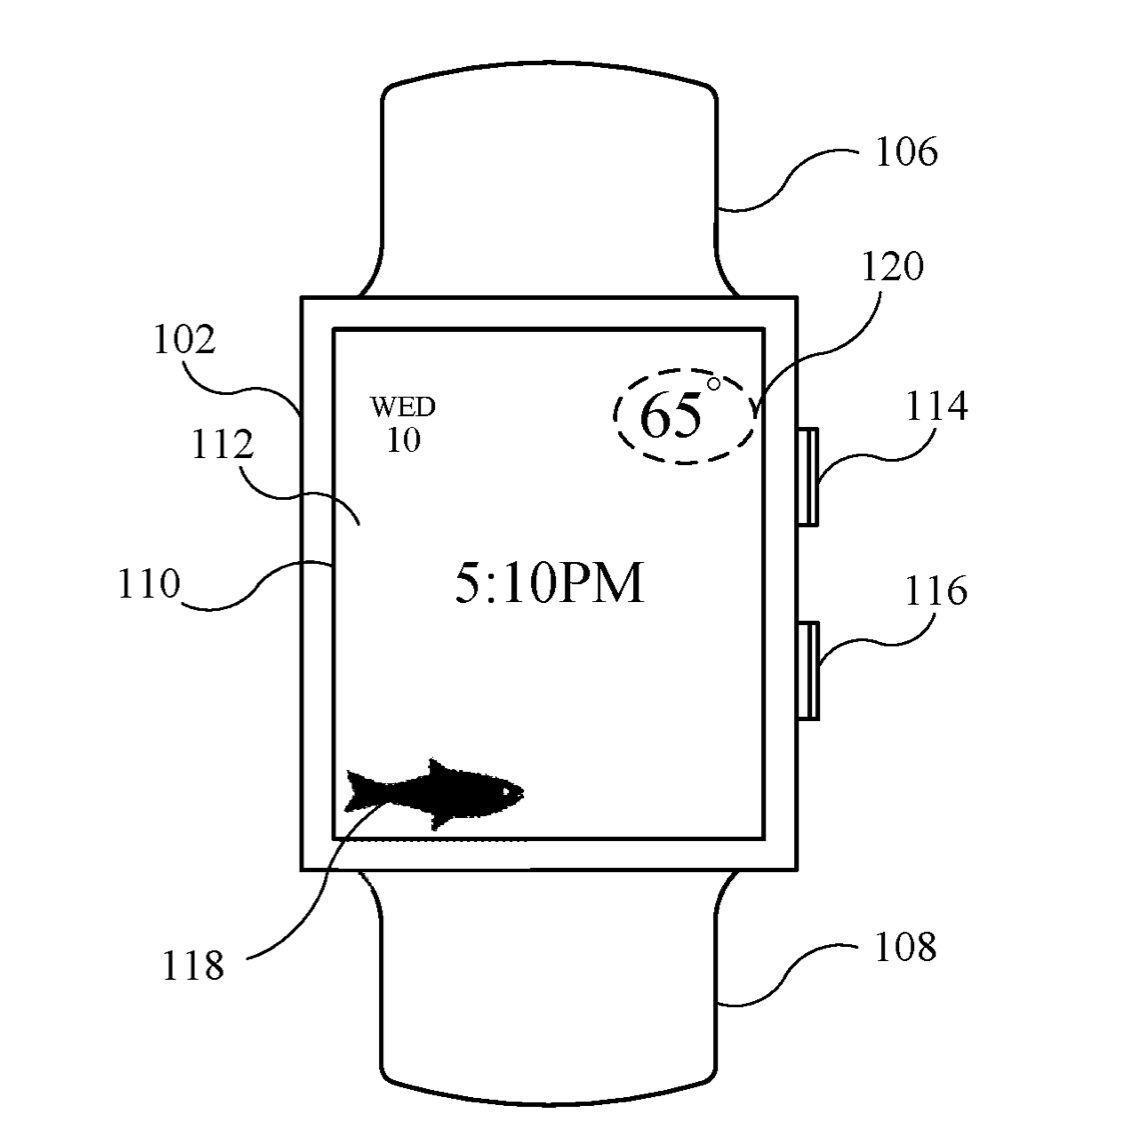 Yeni nesil Apple Watch'larda köpekbalığı algılama özelliği olabilir